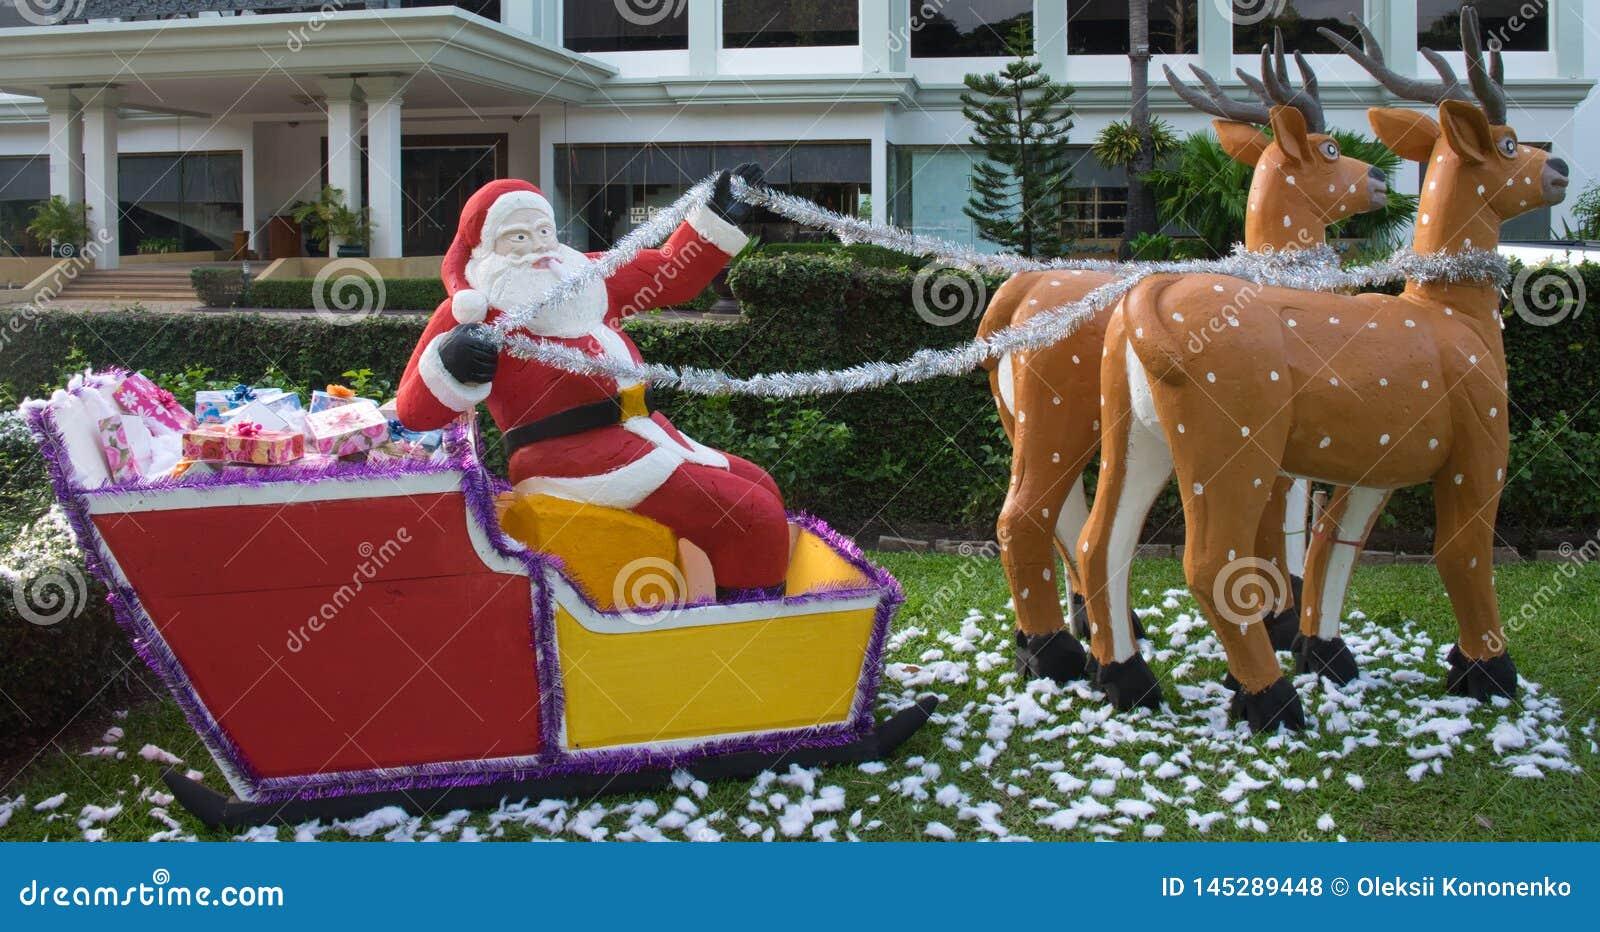 Santa Claus entrega los regalos en un trineo dibujado por el reno, escultura decorativa del jardín, la Navidad del verano